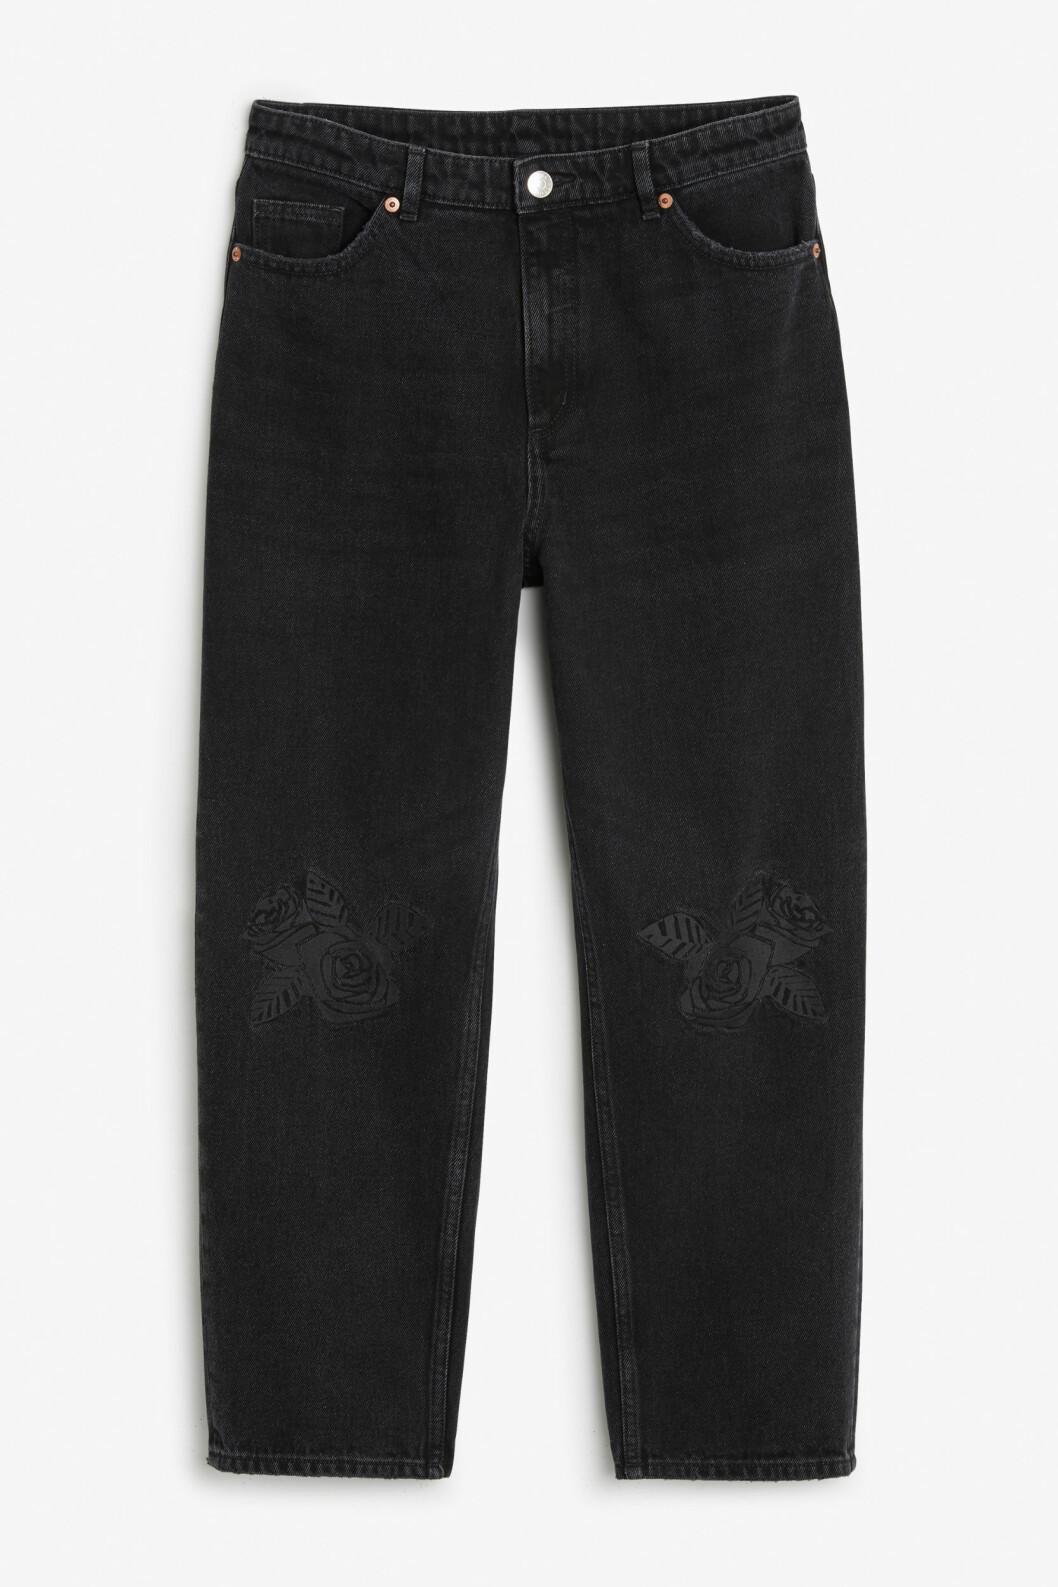 Bukse fra Monki | kr 470 | Foto: Produsenten